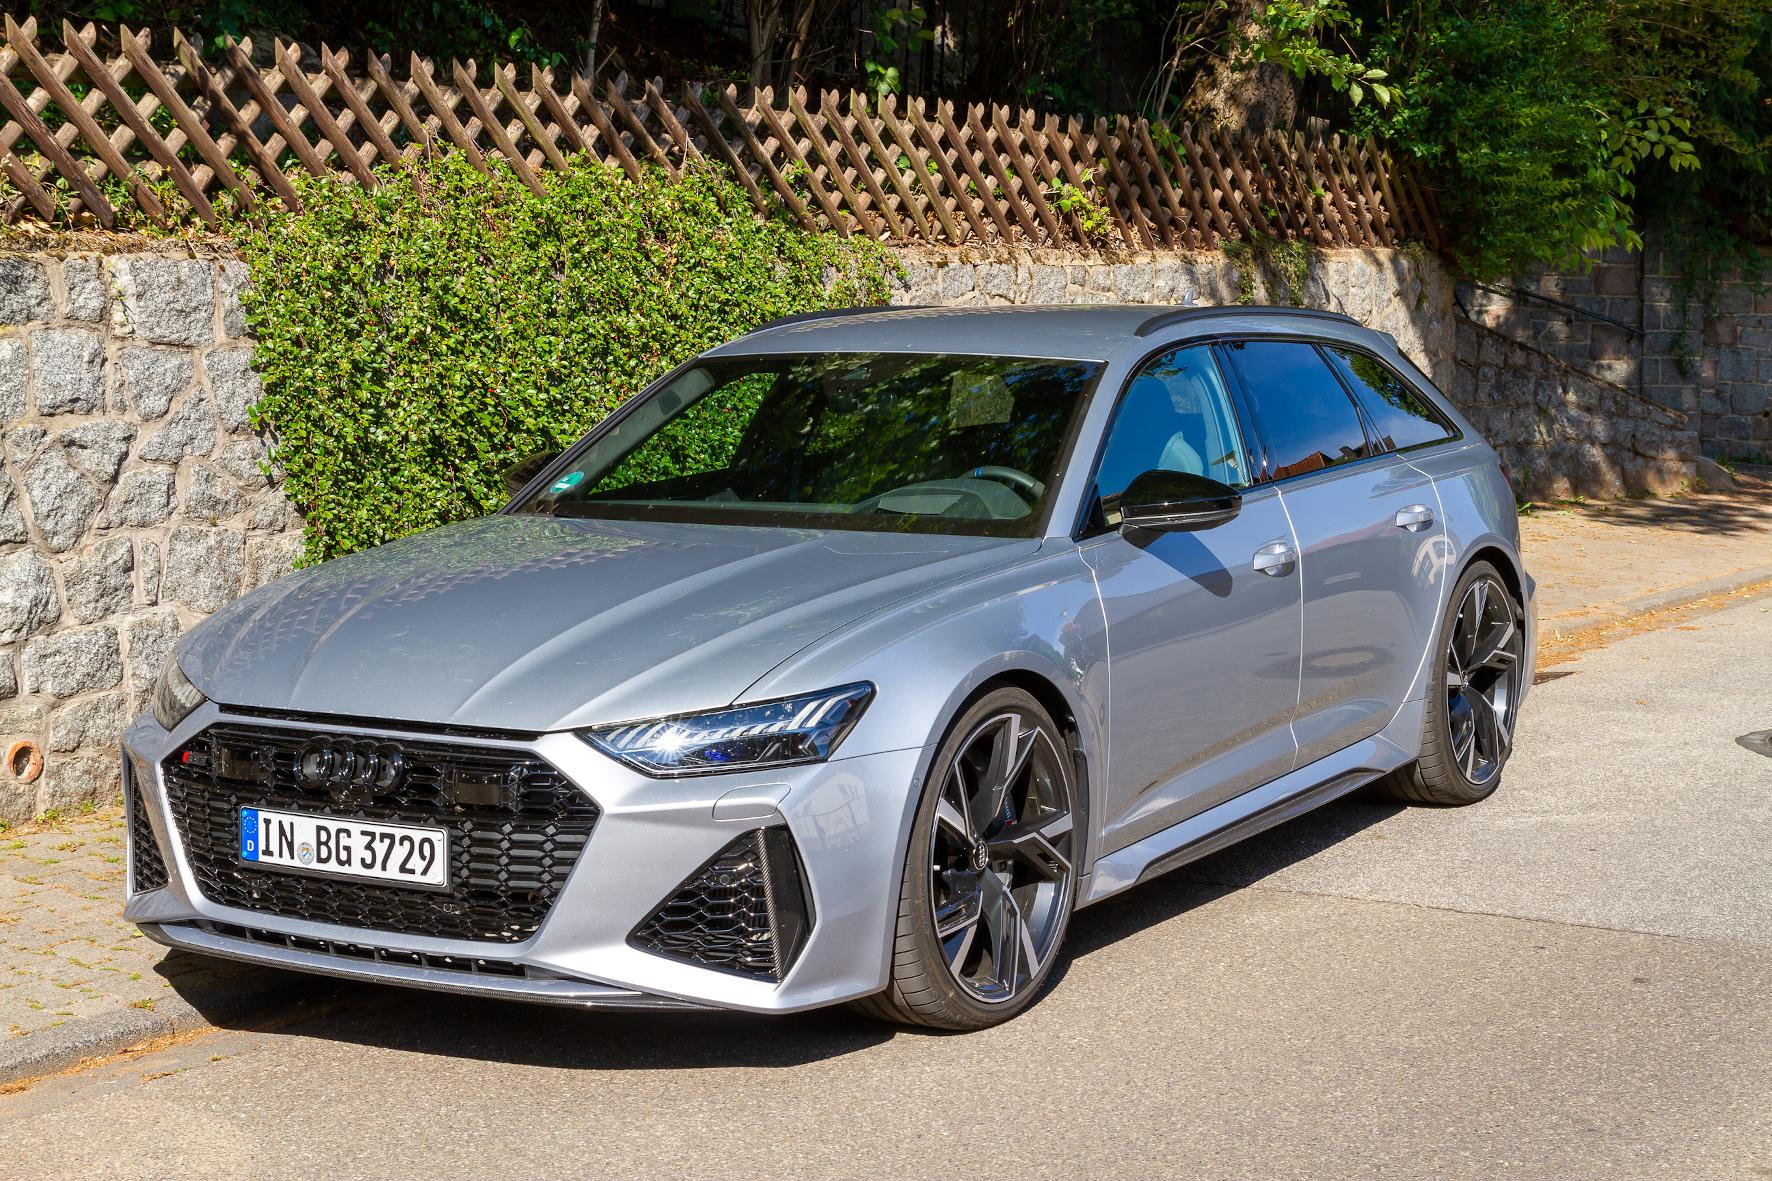 mid Groß-Gerau - Understatement: Dem Audi RS6 Avant sieht man nicht sofort an, was er zu bieten hat. Mike Neumann / mid